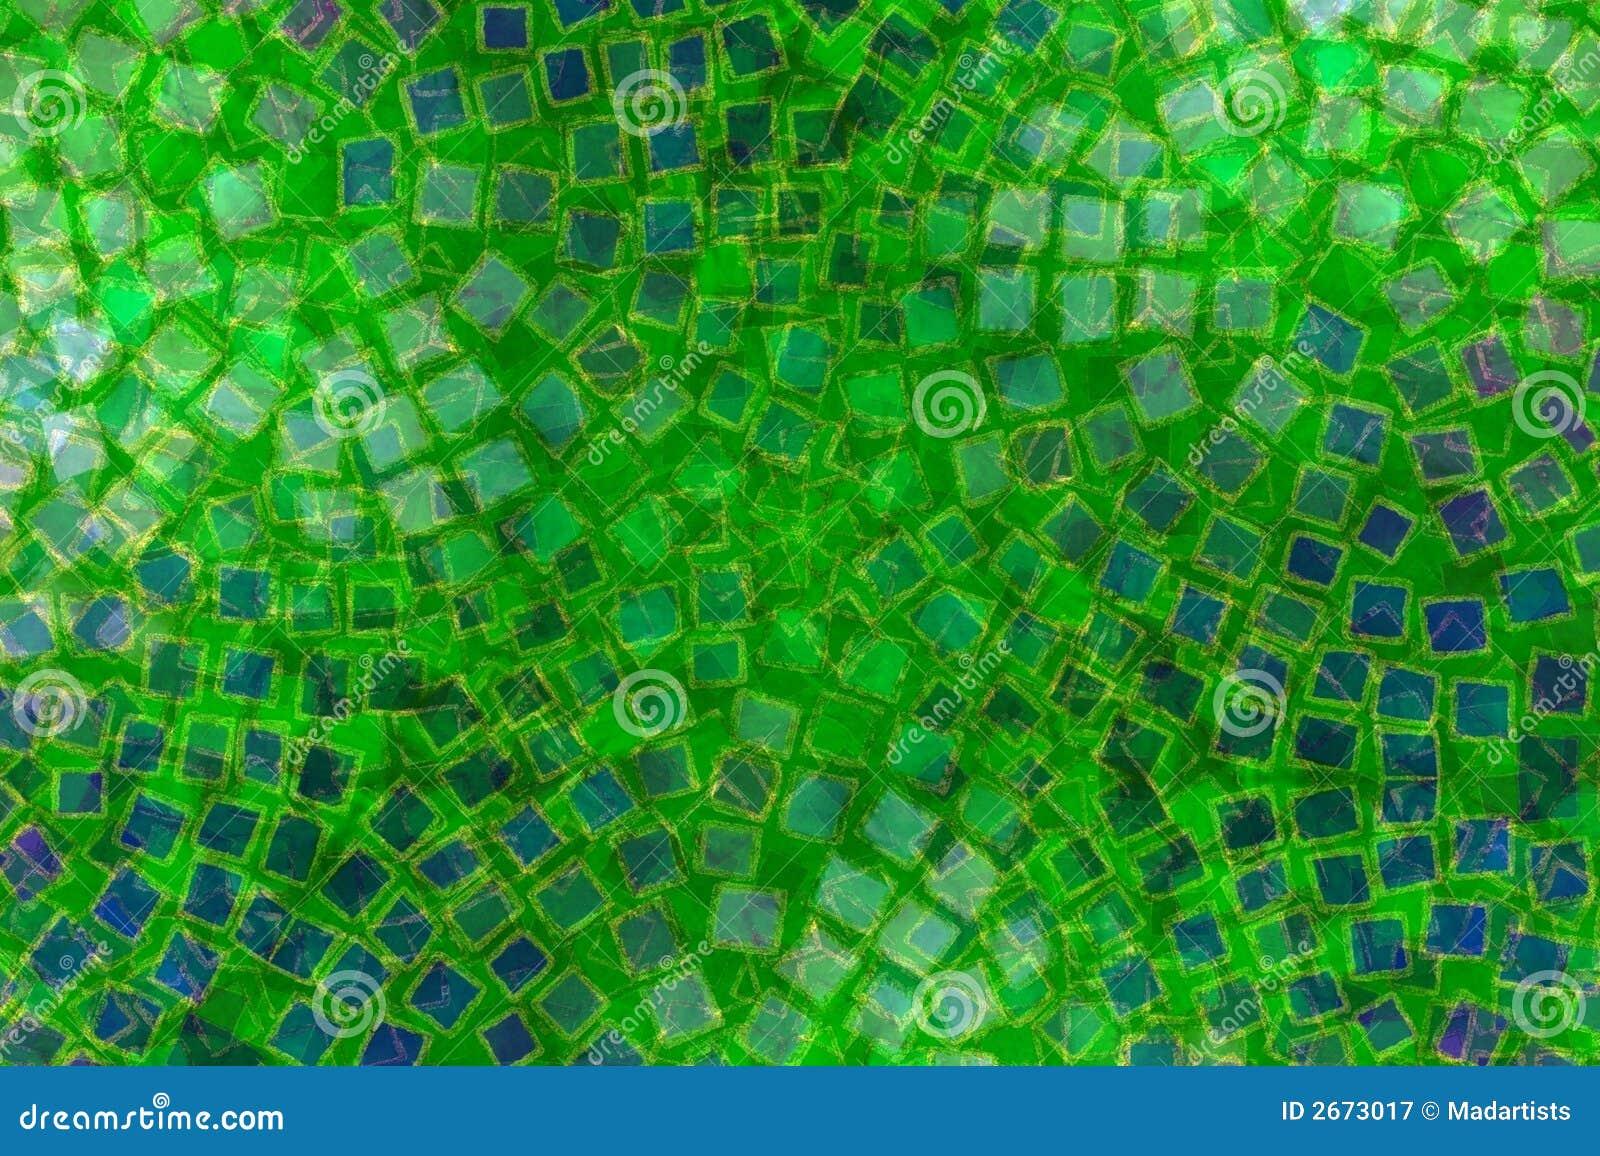 De groene tegels van de patronen van het moza ek royalty vrije stock fotografie afbeelding - Groene metro tegels ...